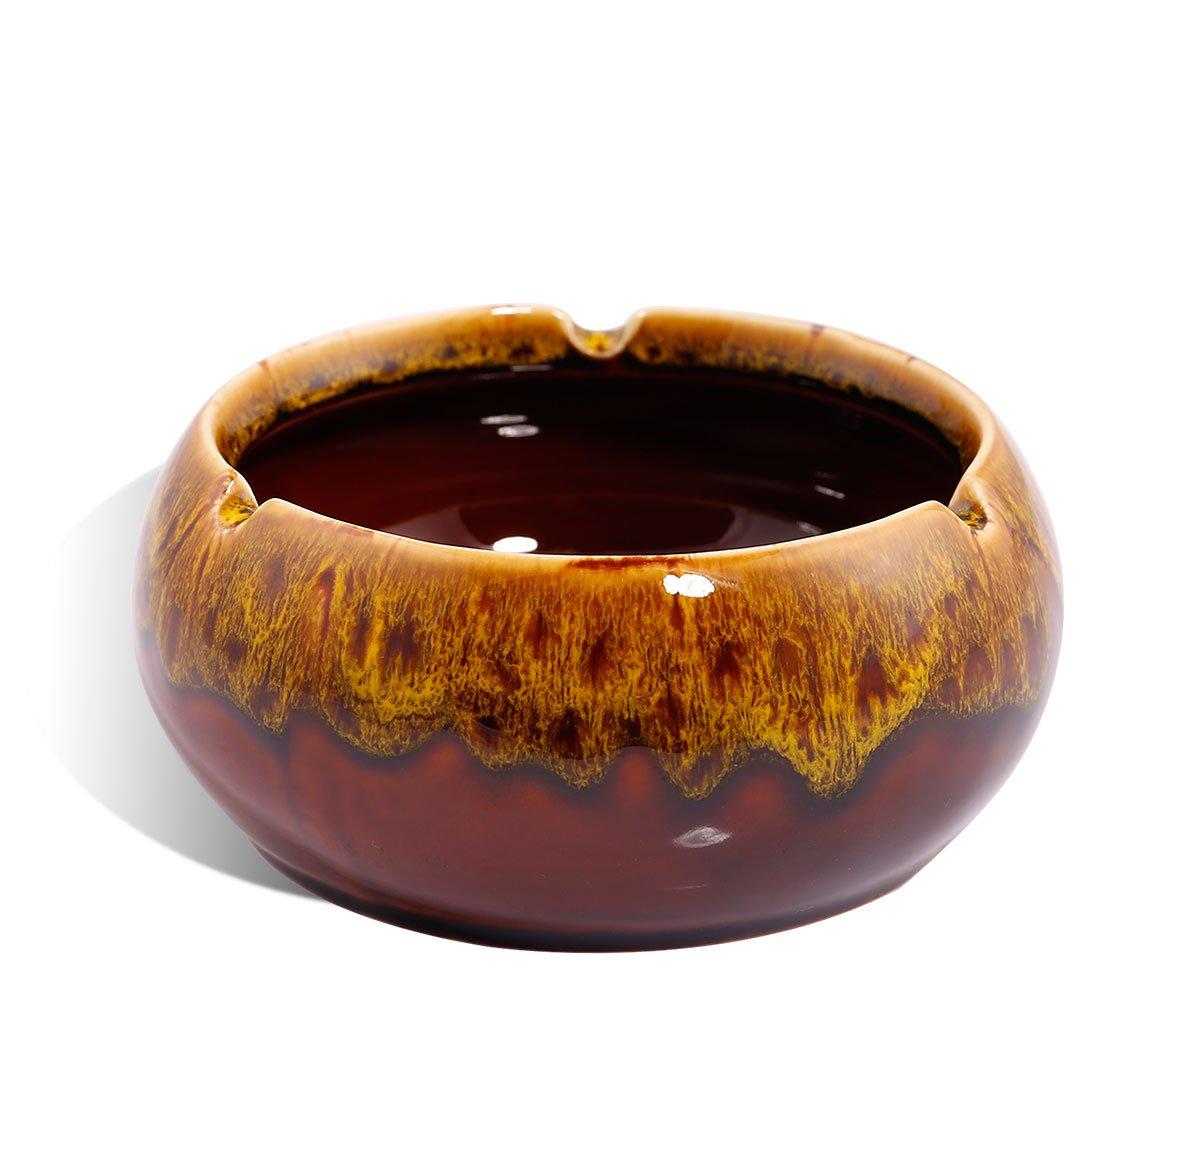 Cenicero, waahome redondo brillante de cerámica cigarrillo cenicero para hombres mujeres y casa oficina decoración 5.1X2.4X5.1'' amarillo Others